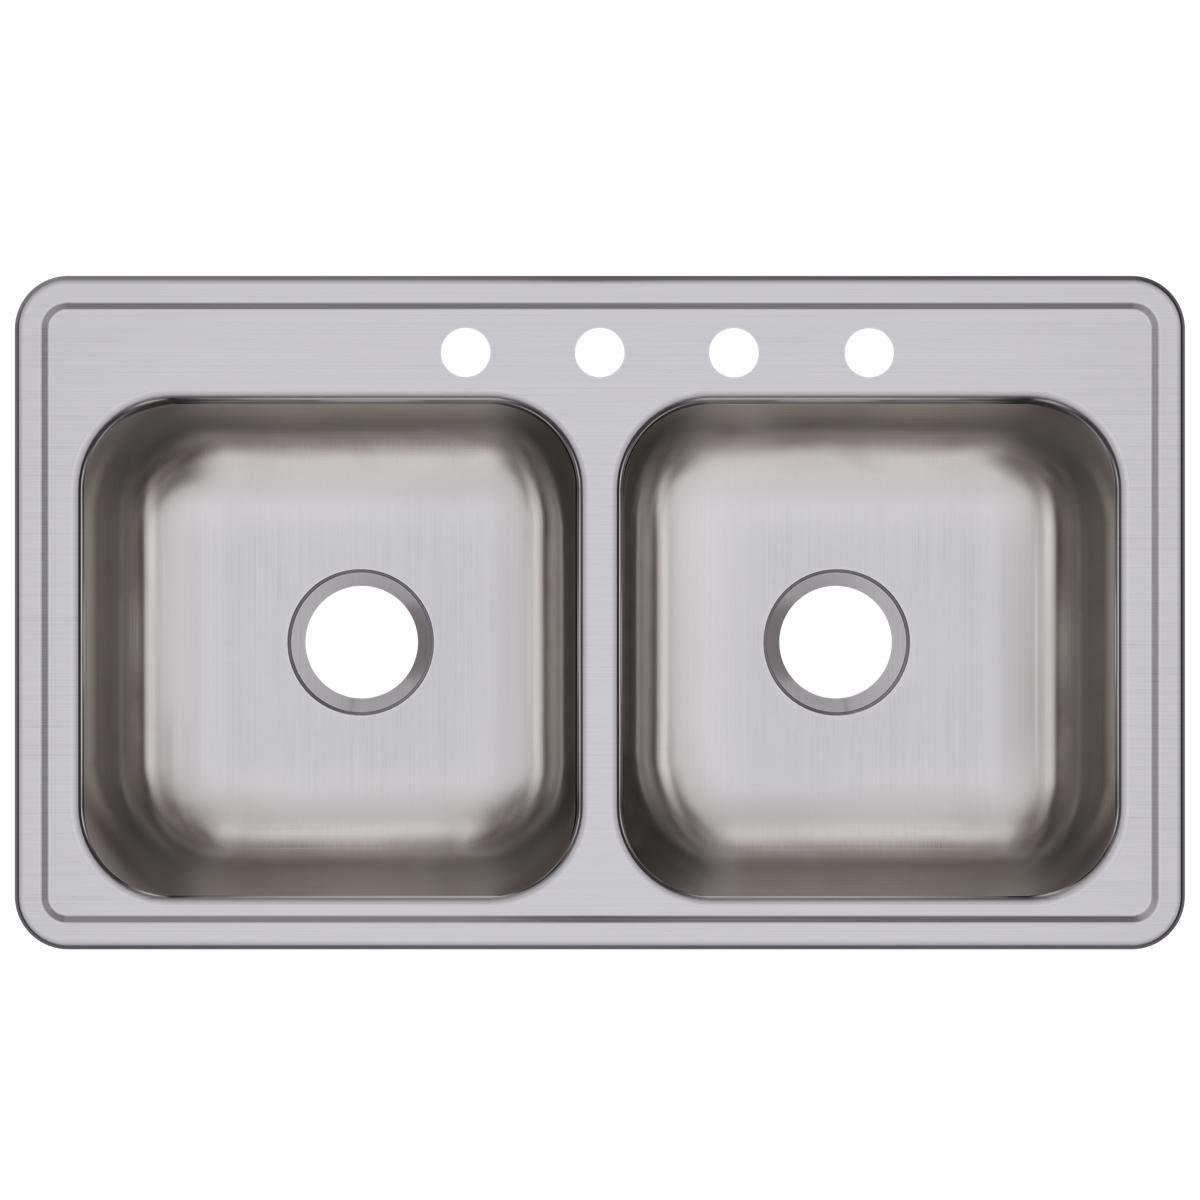 Elkay DSE233194 Dayton Equal Double Bowl Drop-in Stainless Steel Sink by Elkay